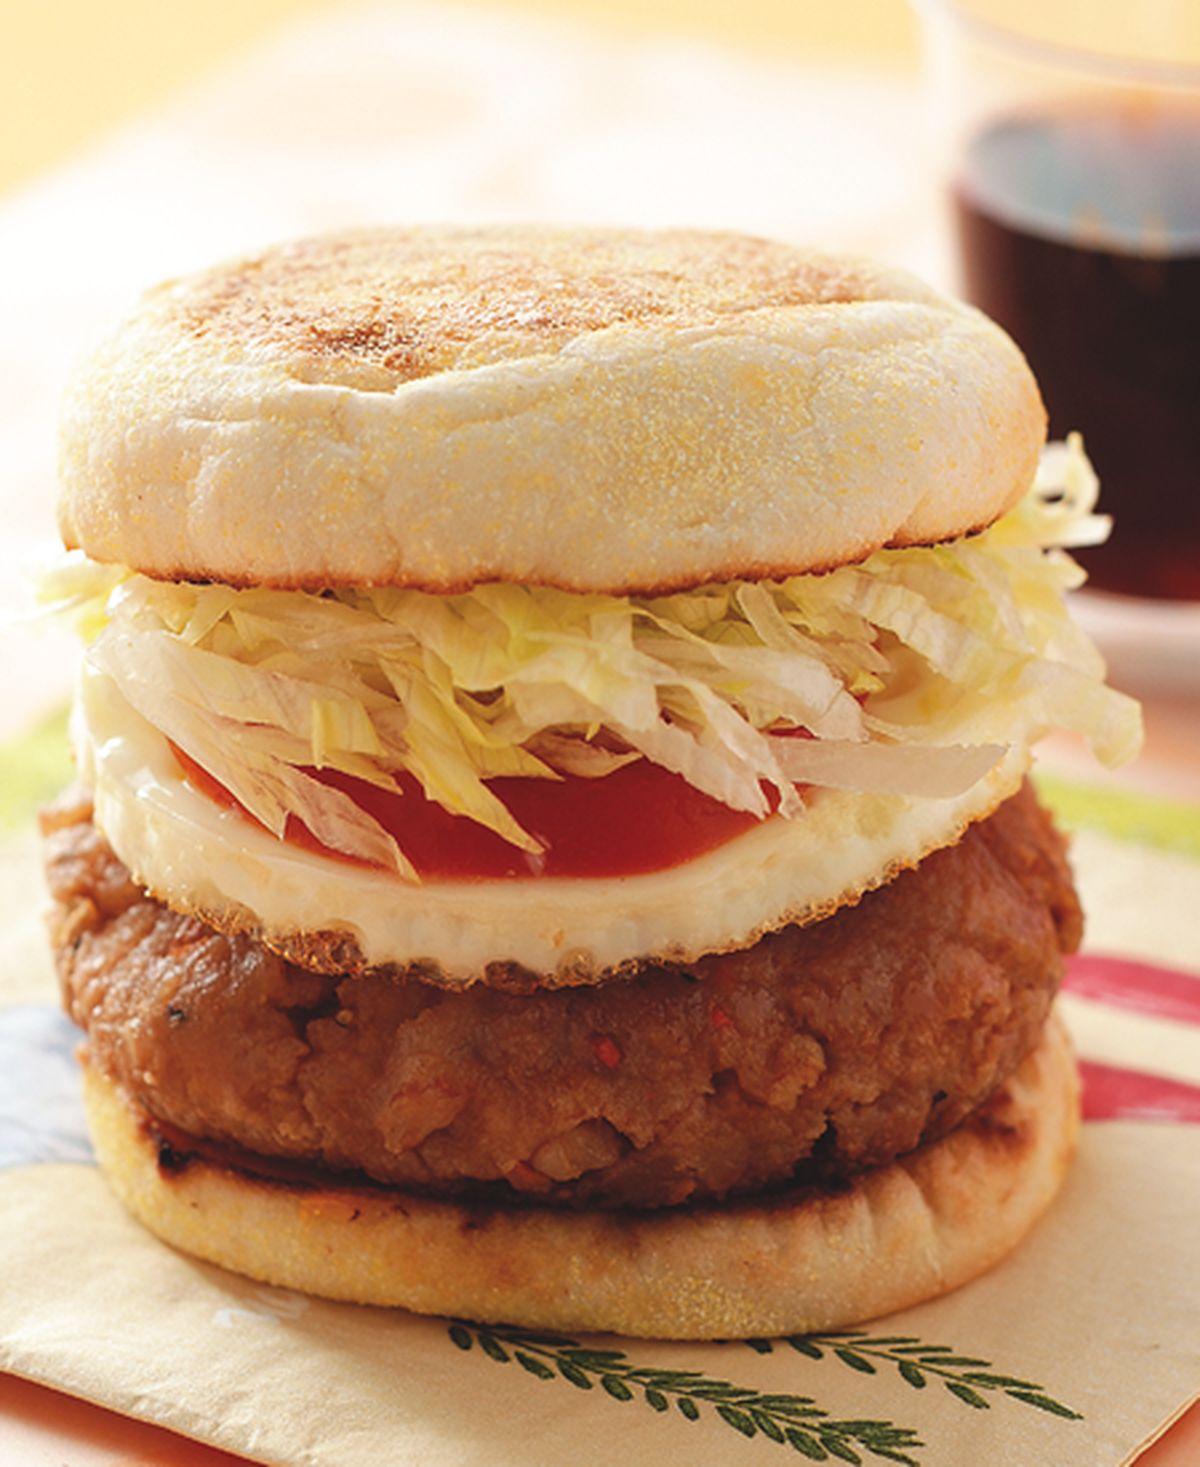 【食譜】豬肉滿福蛋堡:www.ytower.com.tw